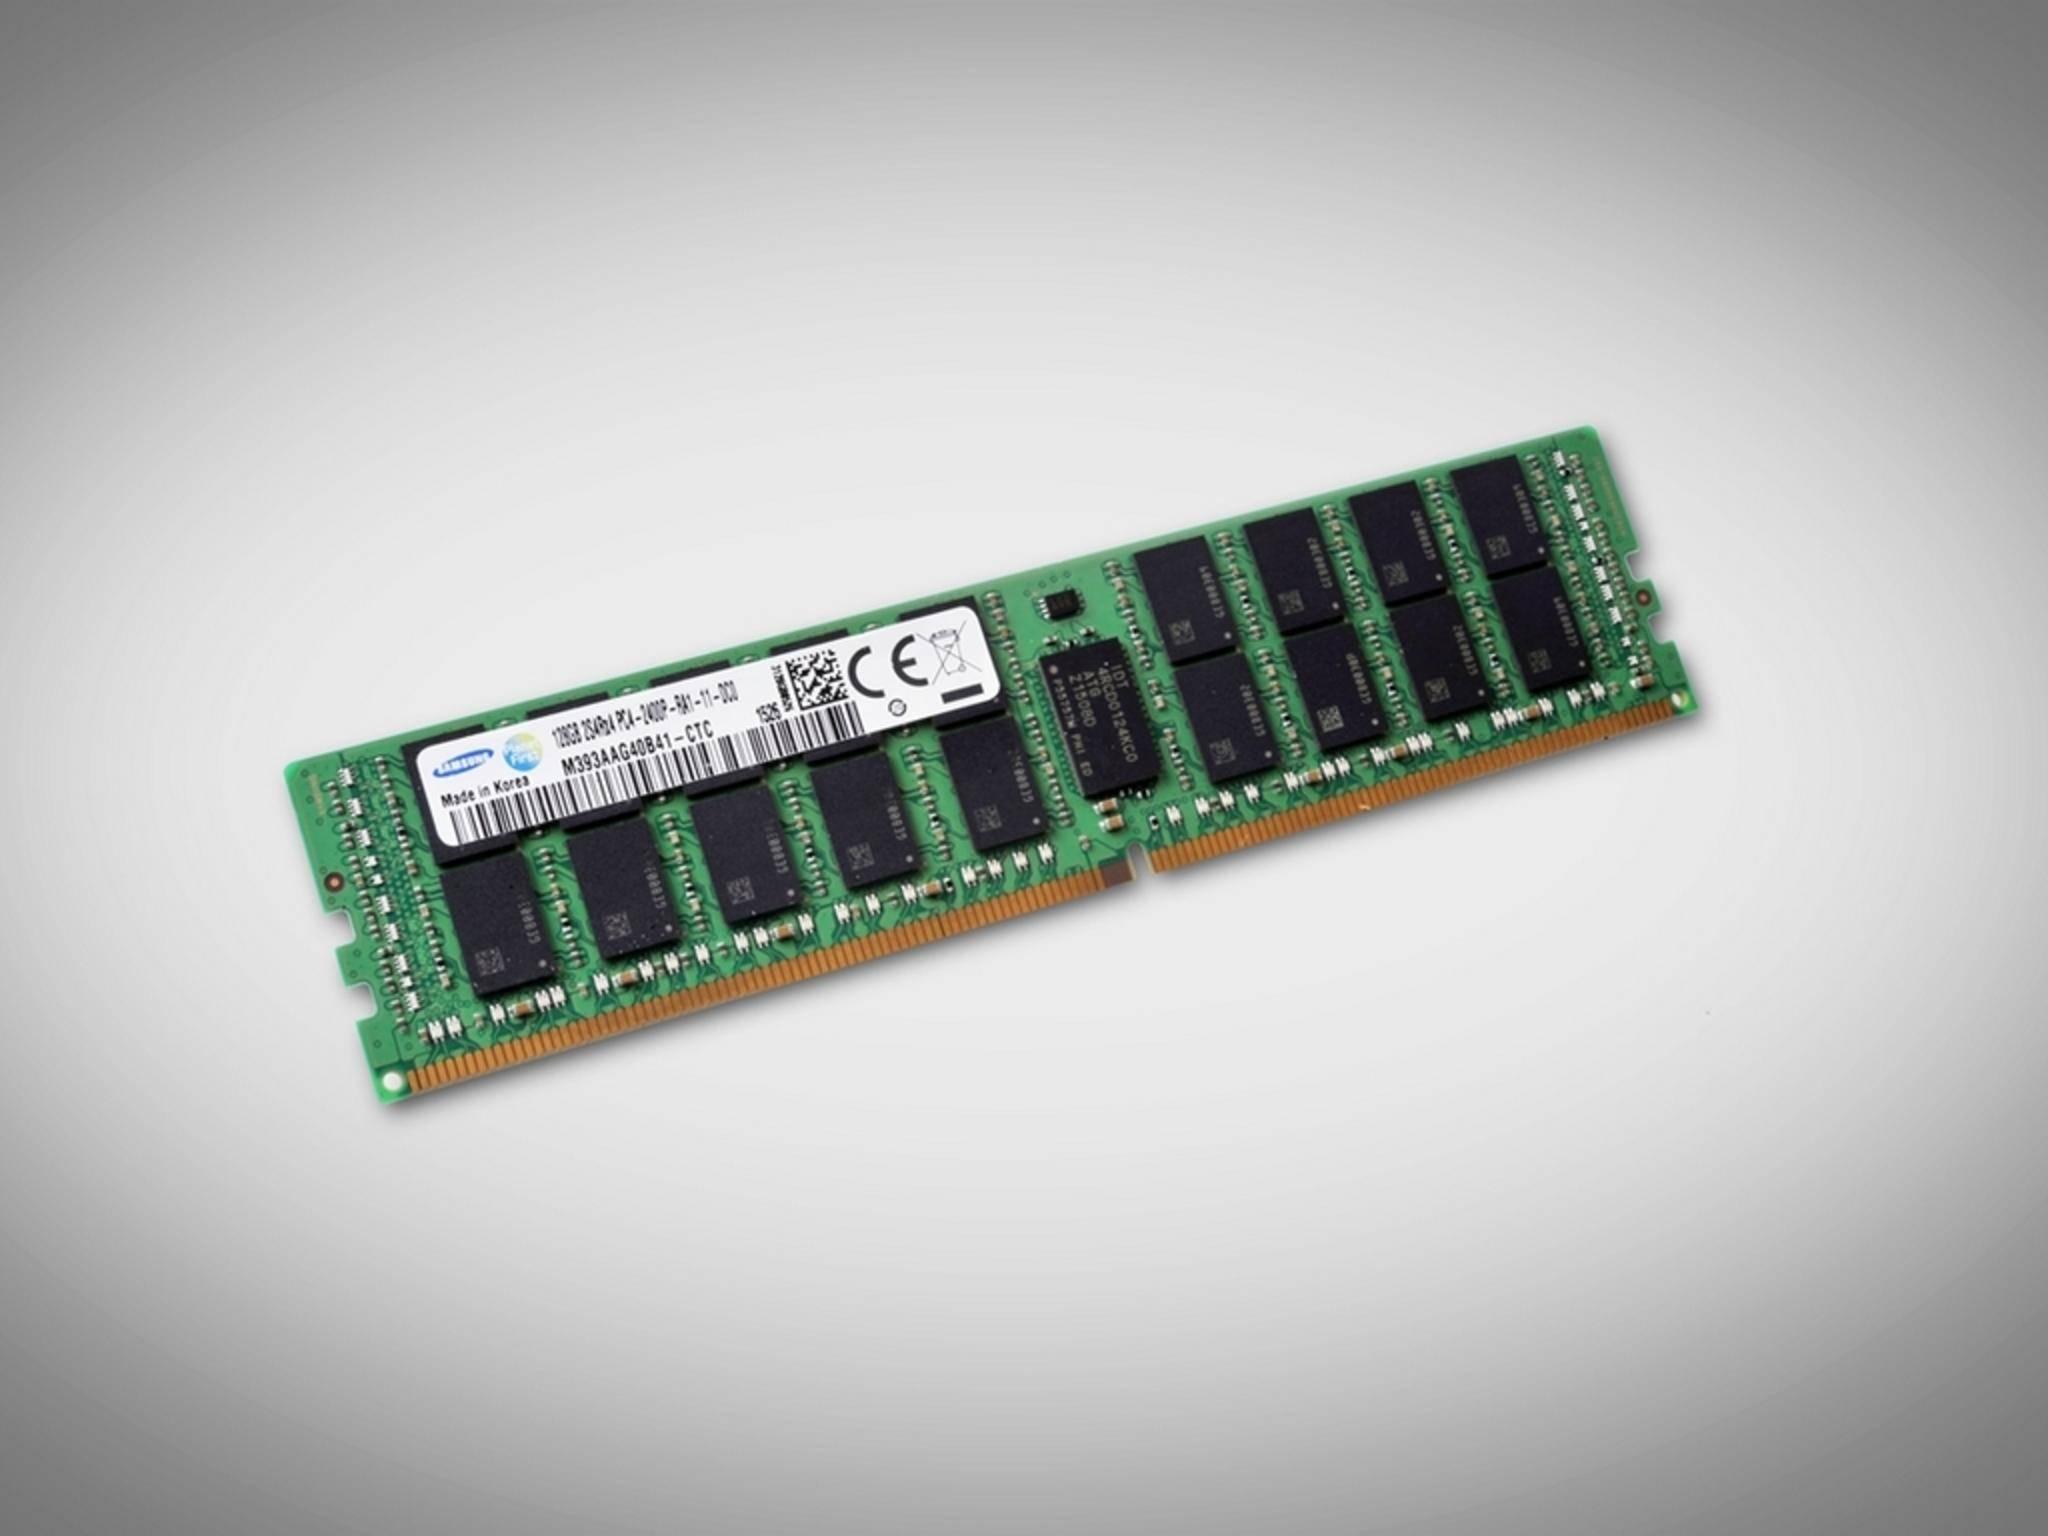 Samsung produziert RAM-Riegel mit 128 GB.